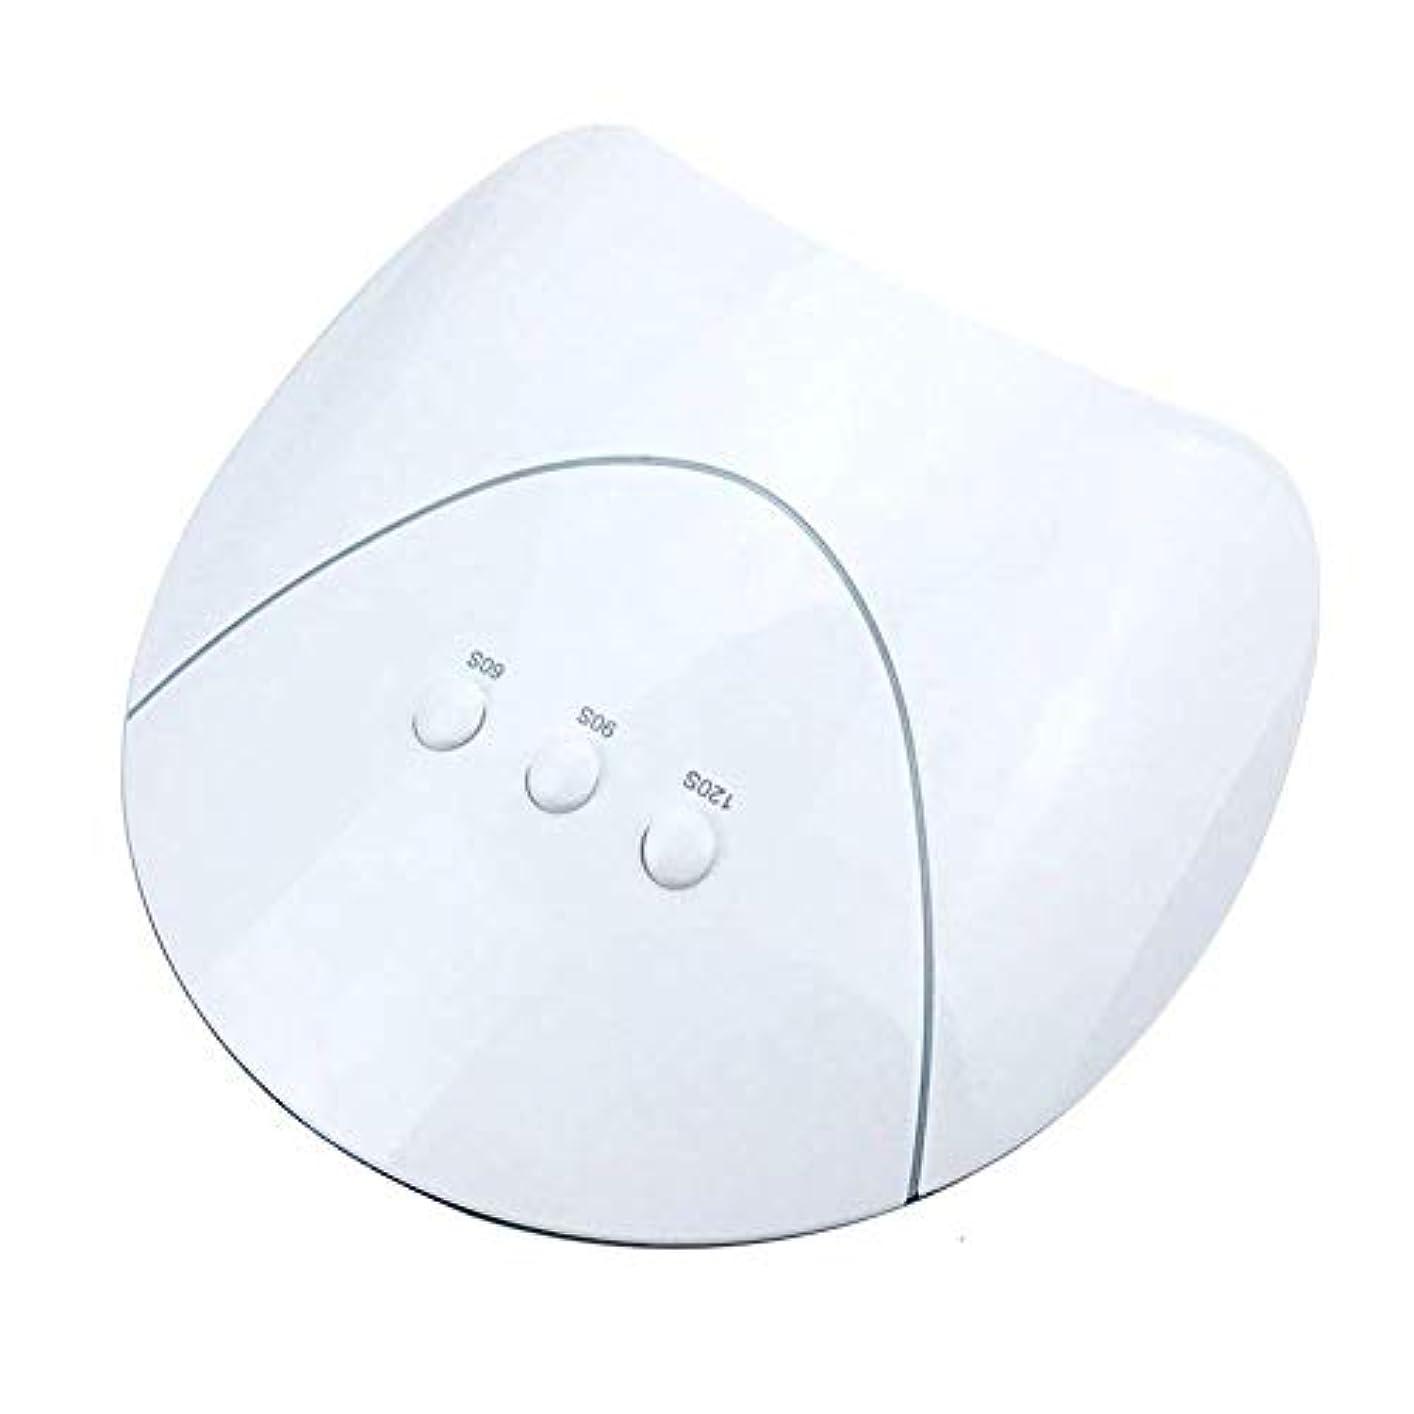 高いコンチネンタル意図ネイルドライヤー用ネイルドライヤーランプ36Wネイル用UVドライヤーランプマニキュア乾燥用ネイルポリッシュアイスランプネイルマニキュア機USB充電、写真の色